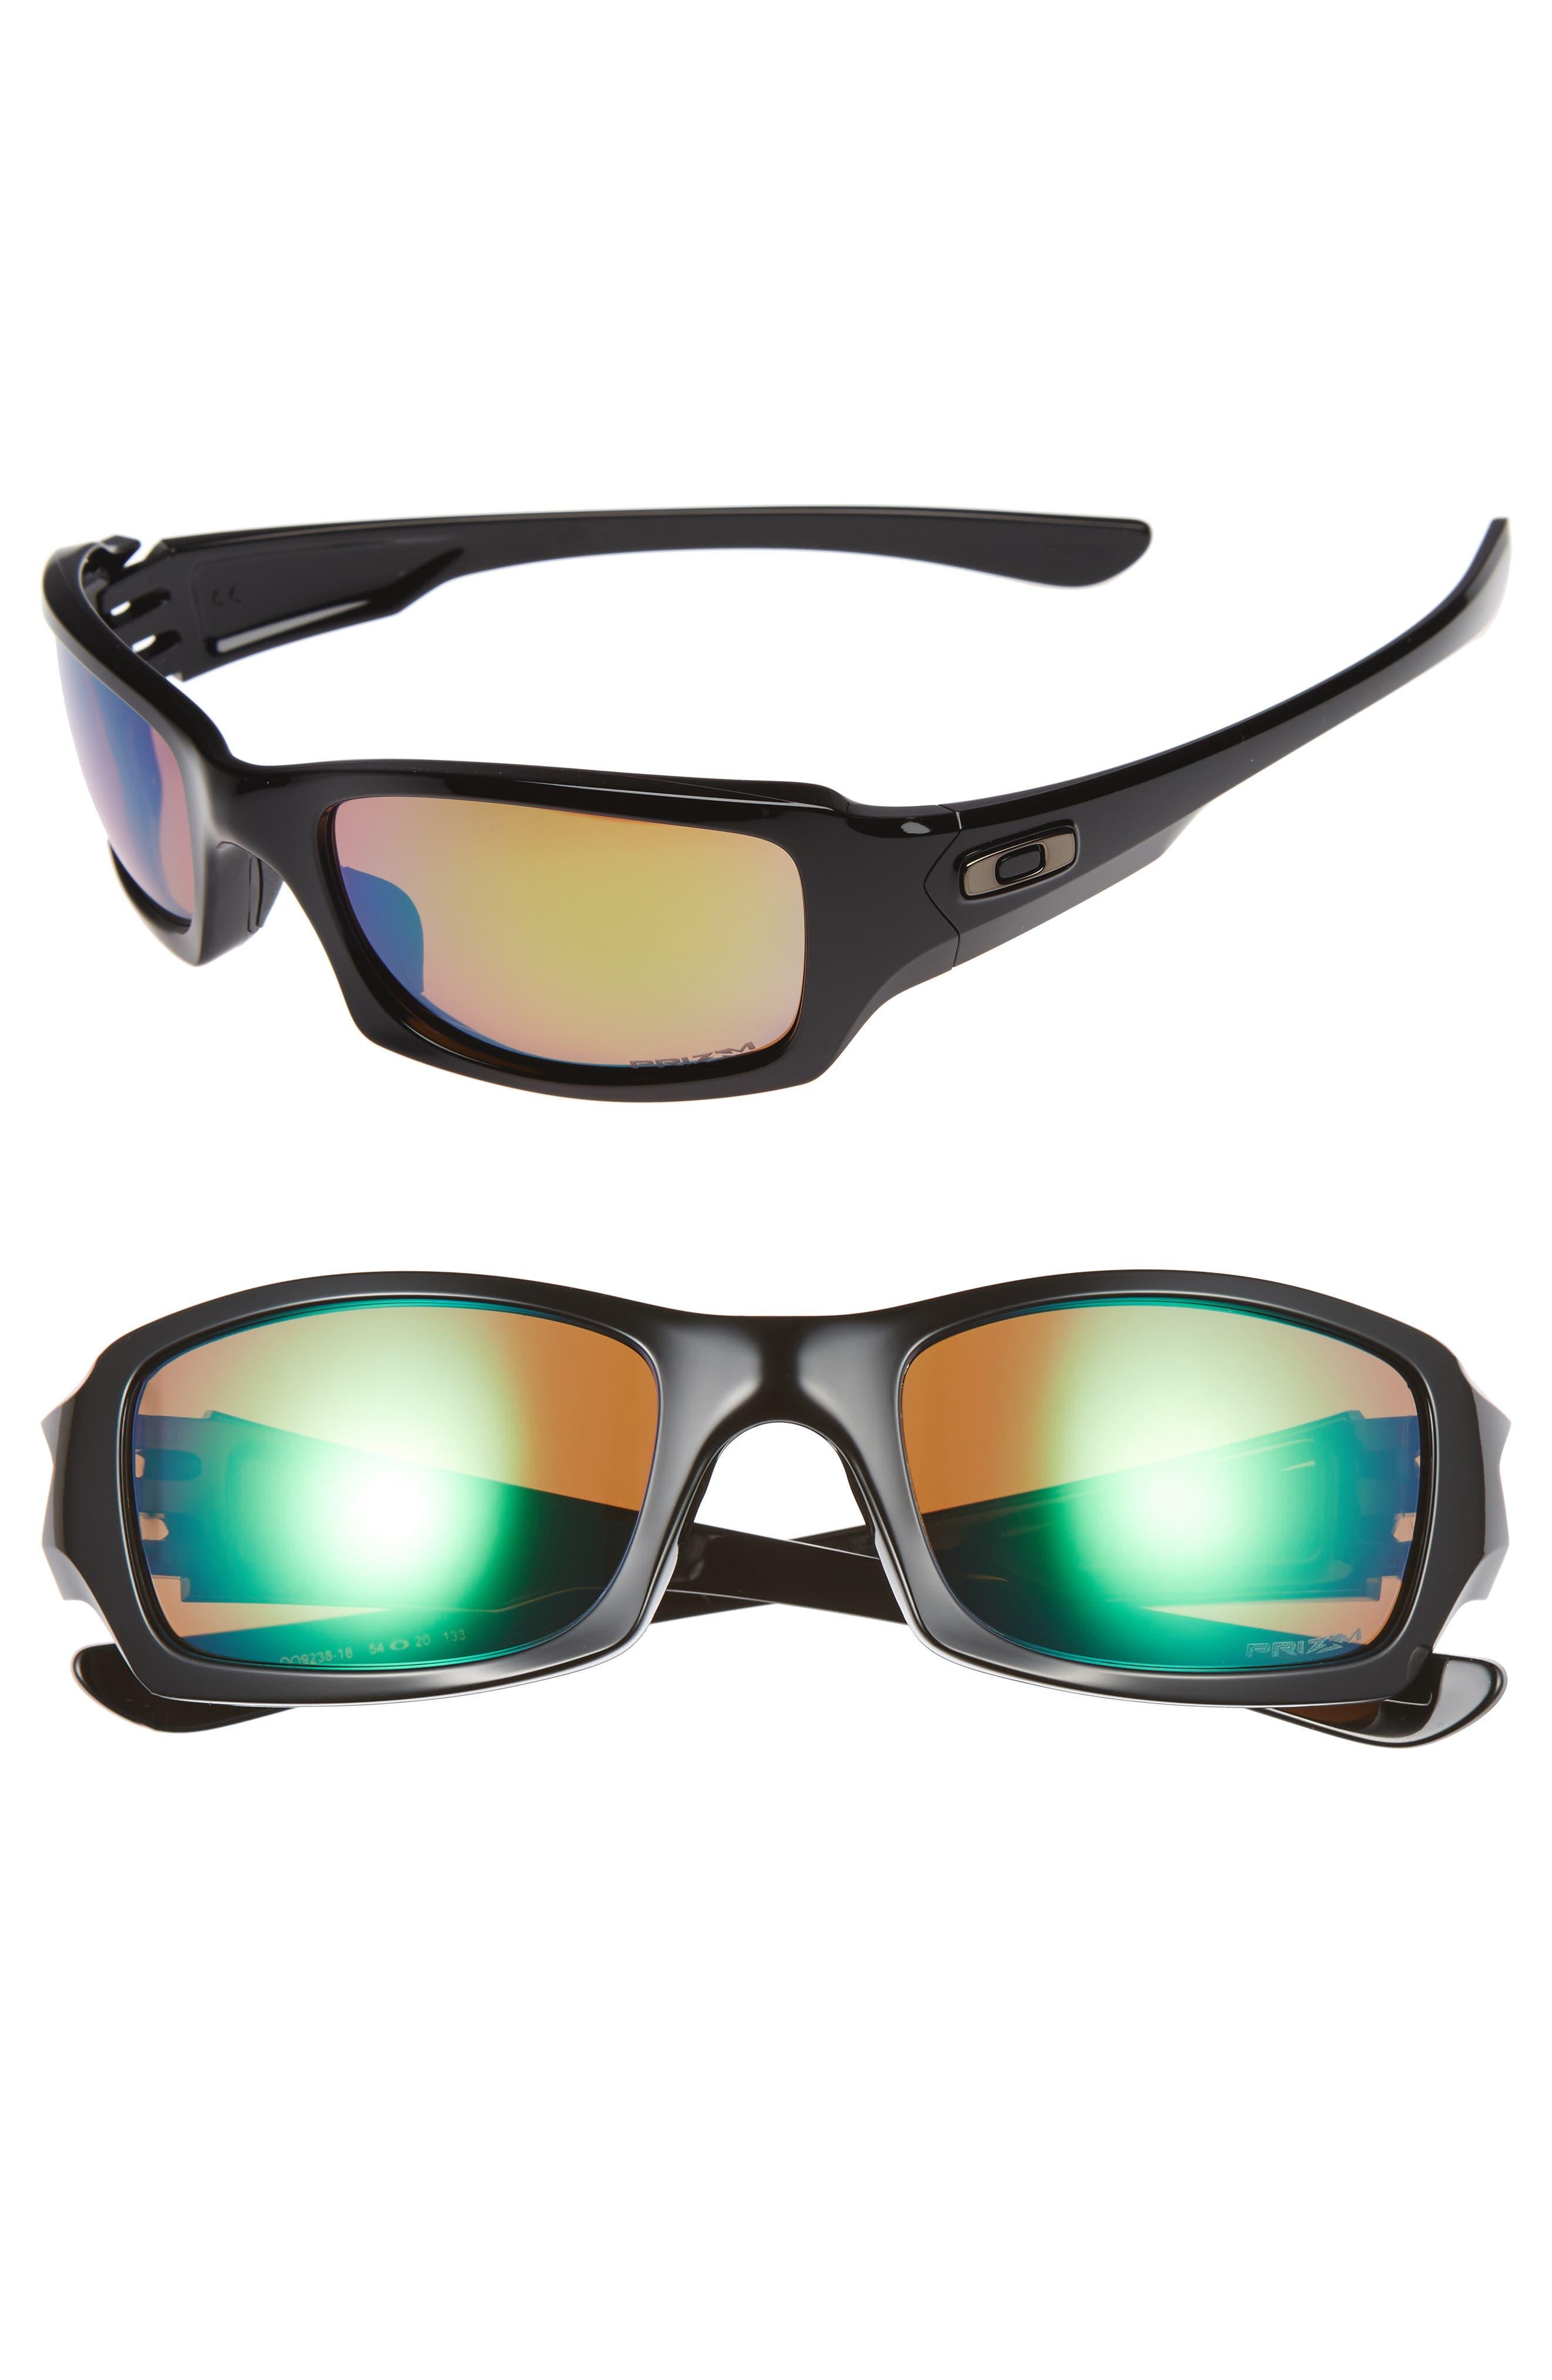 Fives Squared H2O 54mm Polarized Sunglasses,                             Alternate thumbnail 2, color,                             BLACK